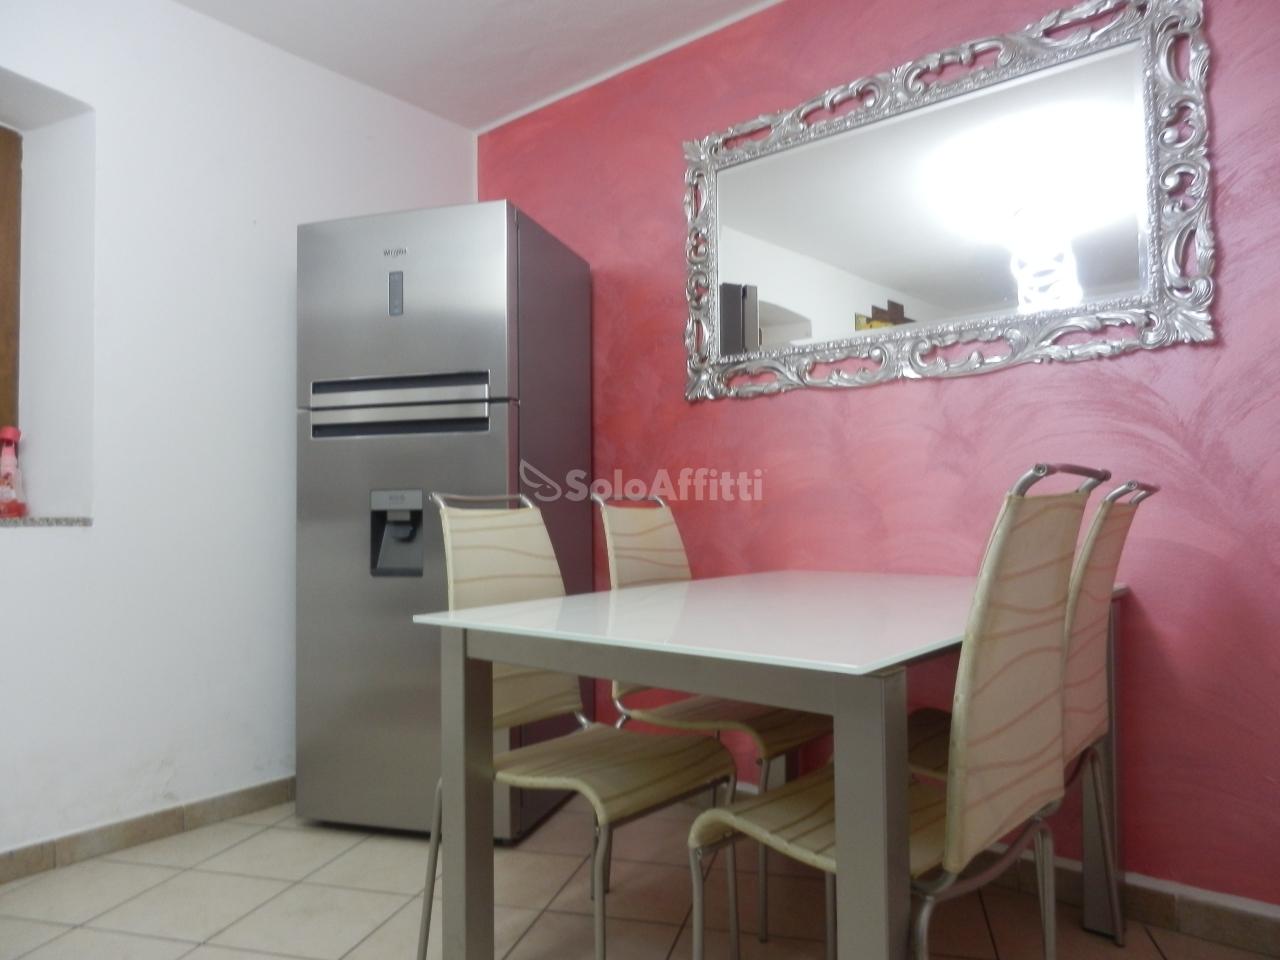 Appartamento in affitto a Albiolo, 3 locali, prezzo € 700   PortaleAgenzieImmobiliari.it